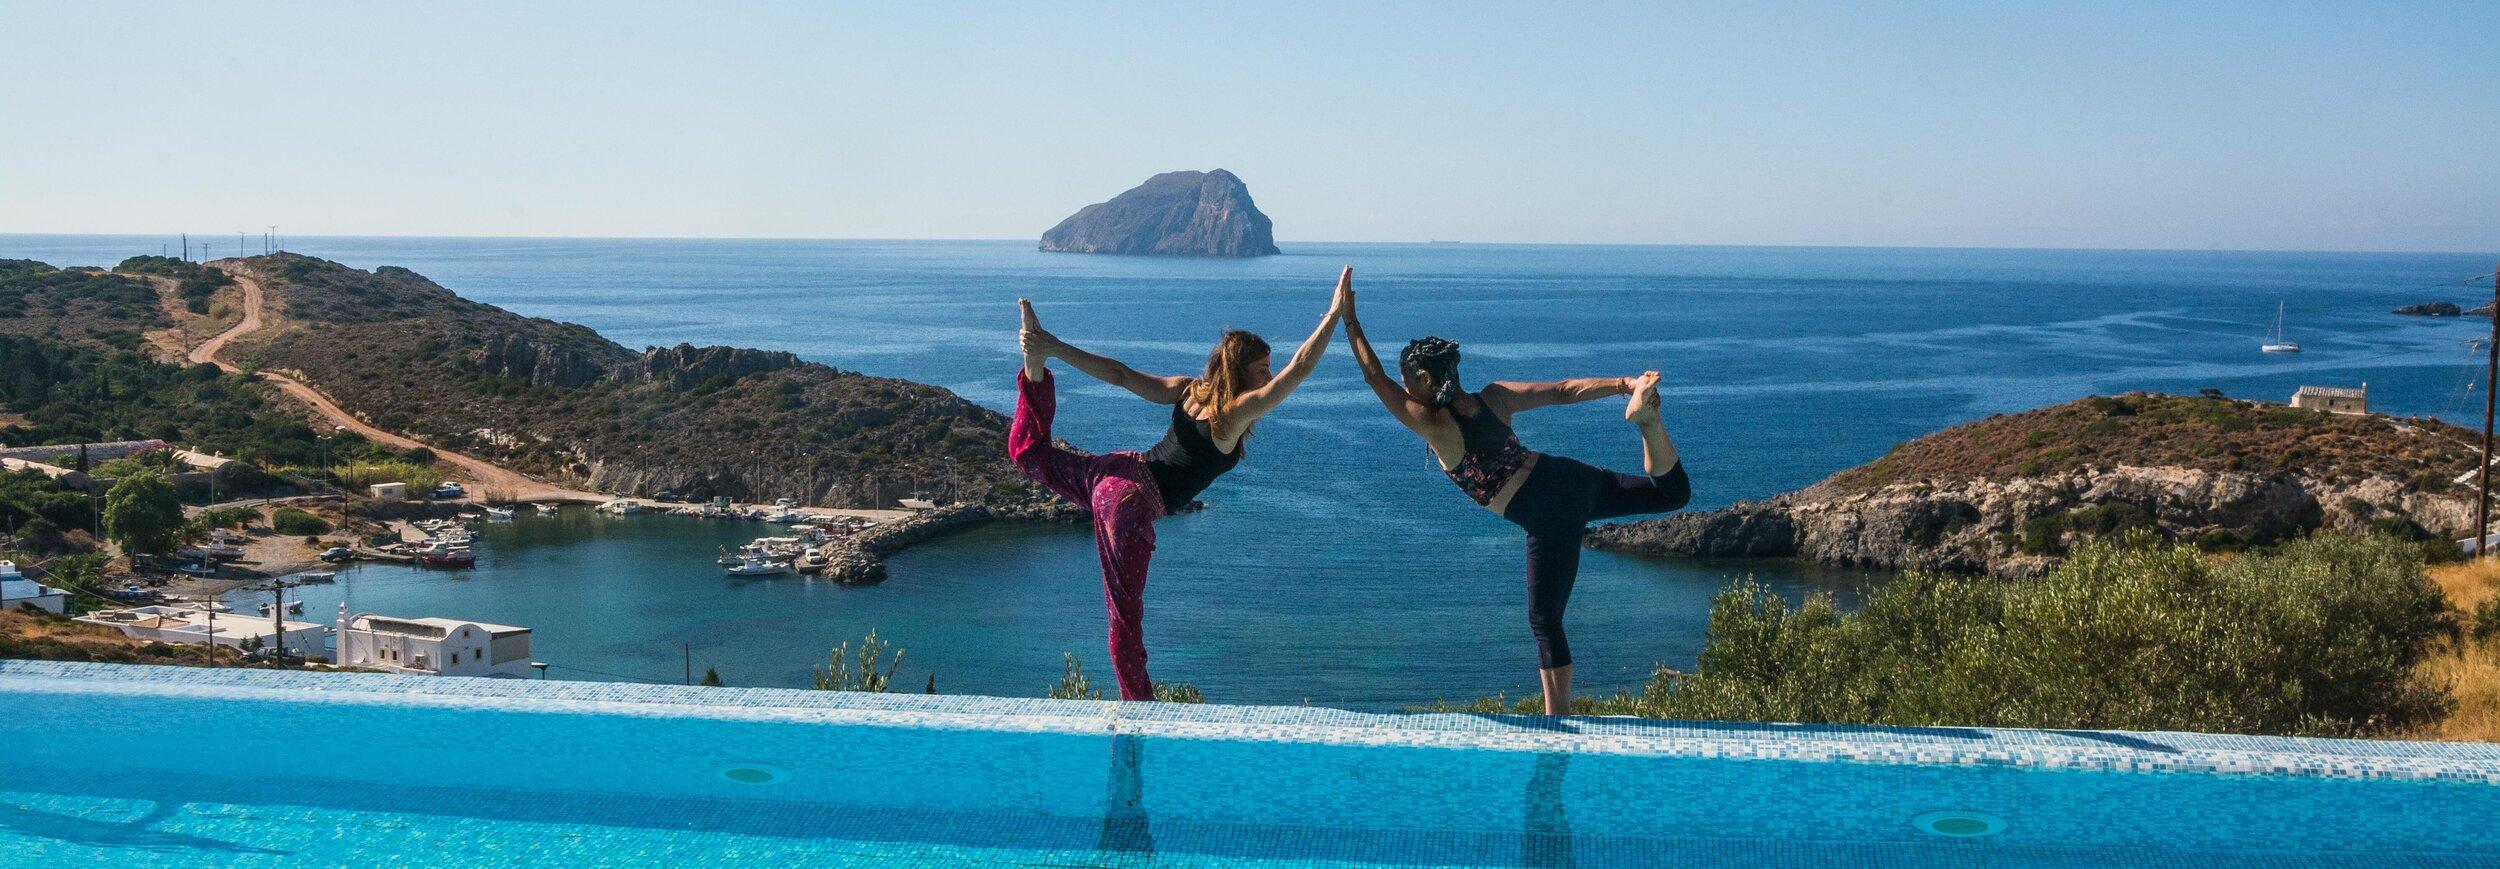 Yoga Teachers, Me and My Teacher.jpeg